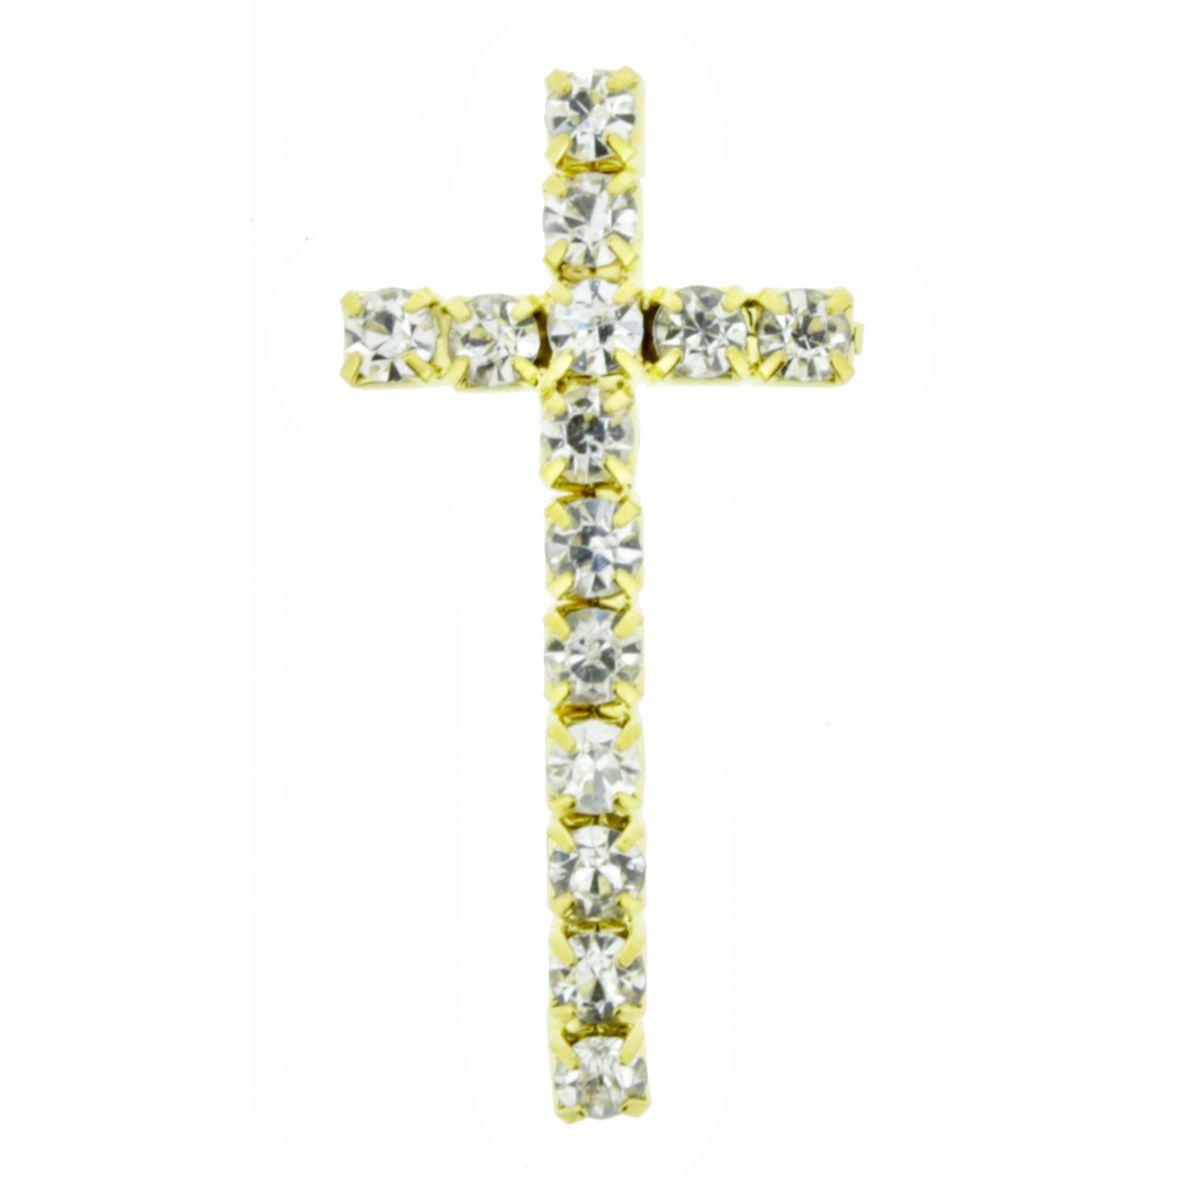 Crucifixo Curvo para Pulseira - Metal com Strass - Dourado - 3,1cm - 01 Peça  - Universo Religioso® - Artigos de Umbanda e Candomblé